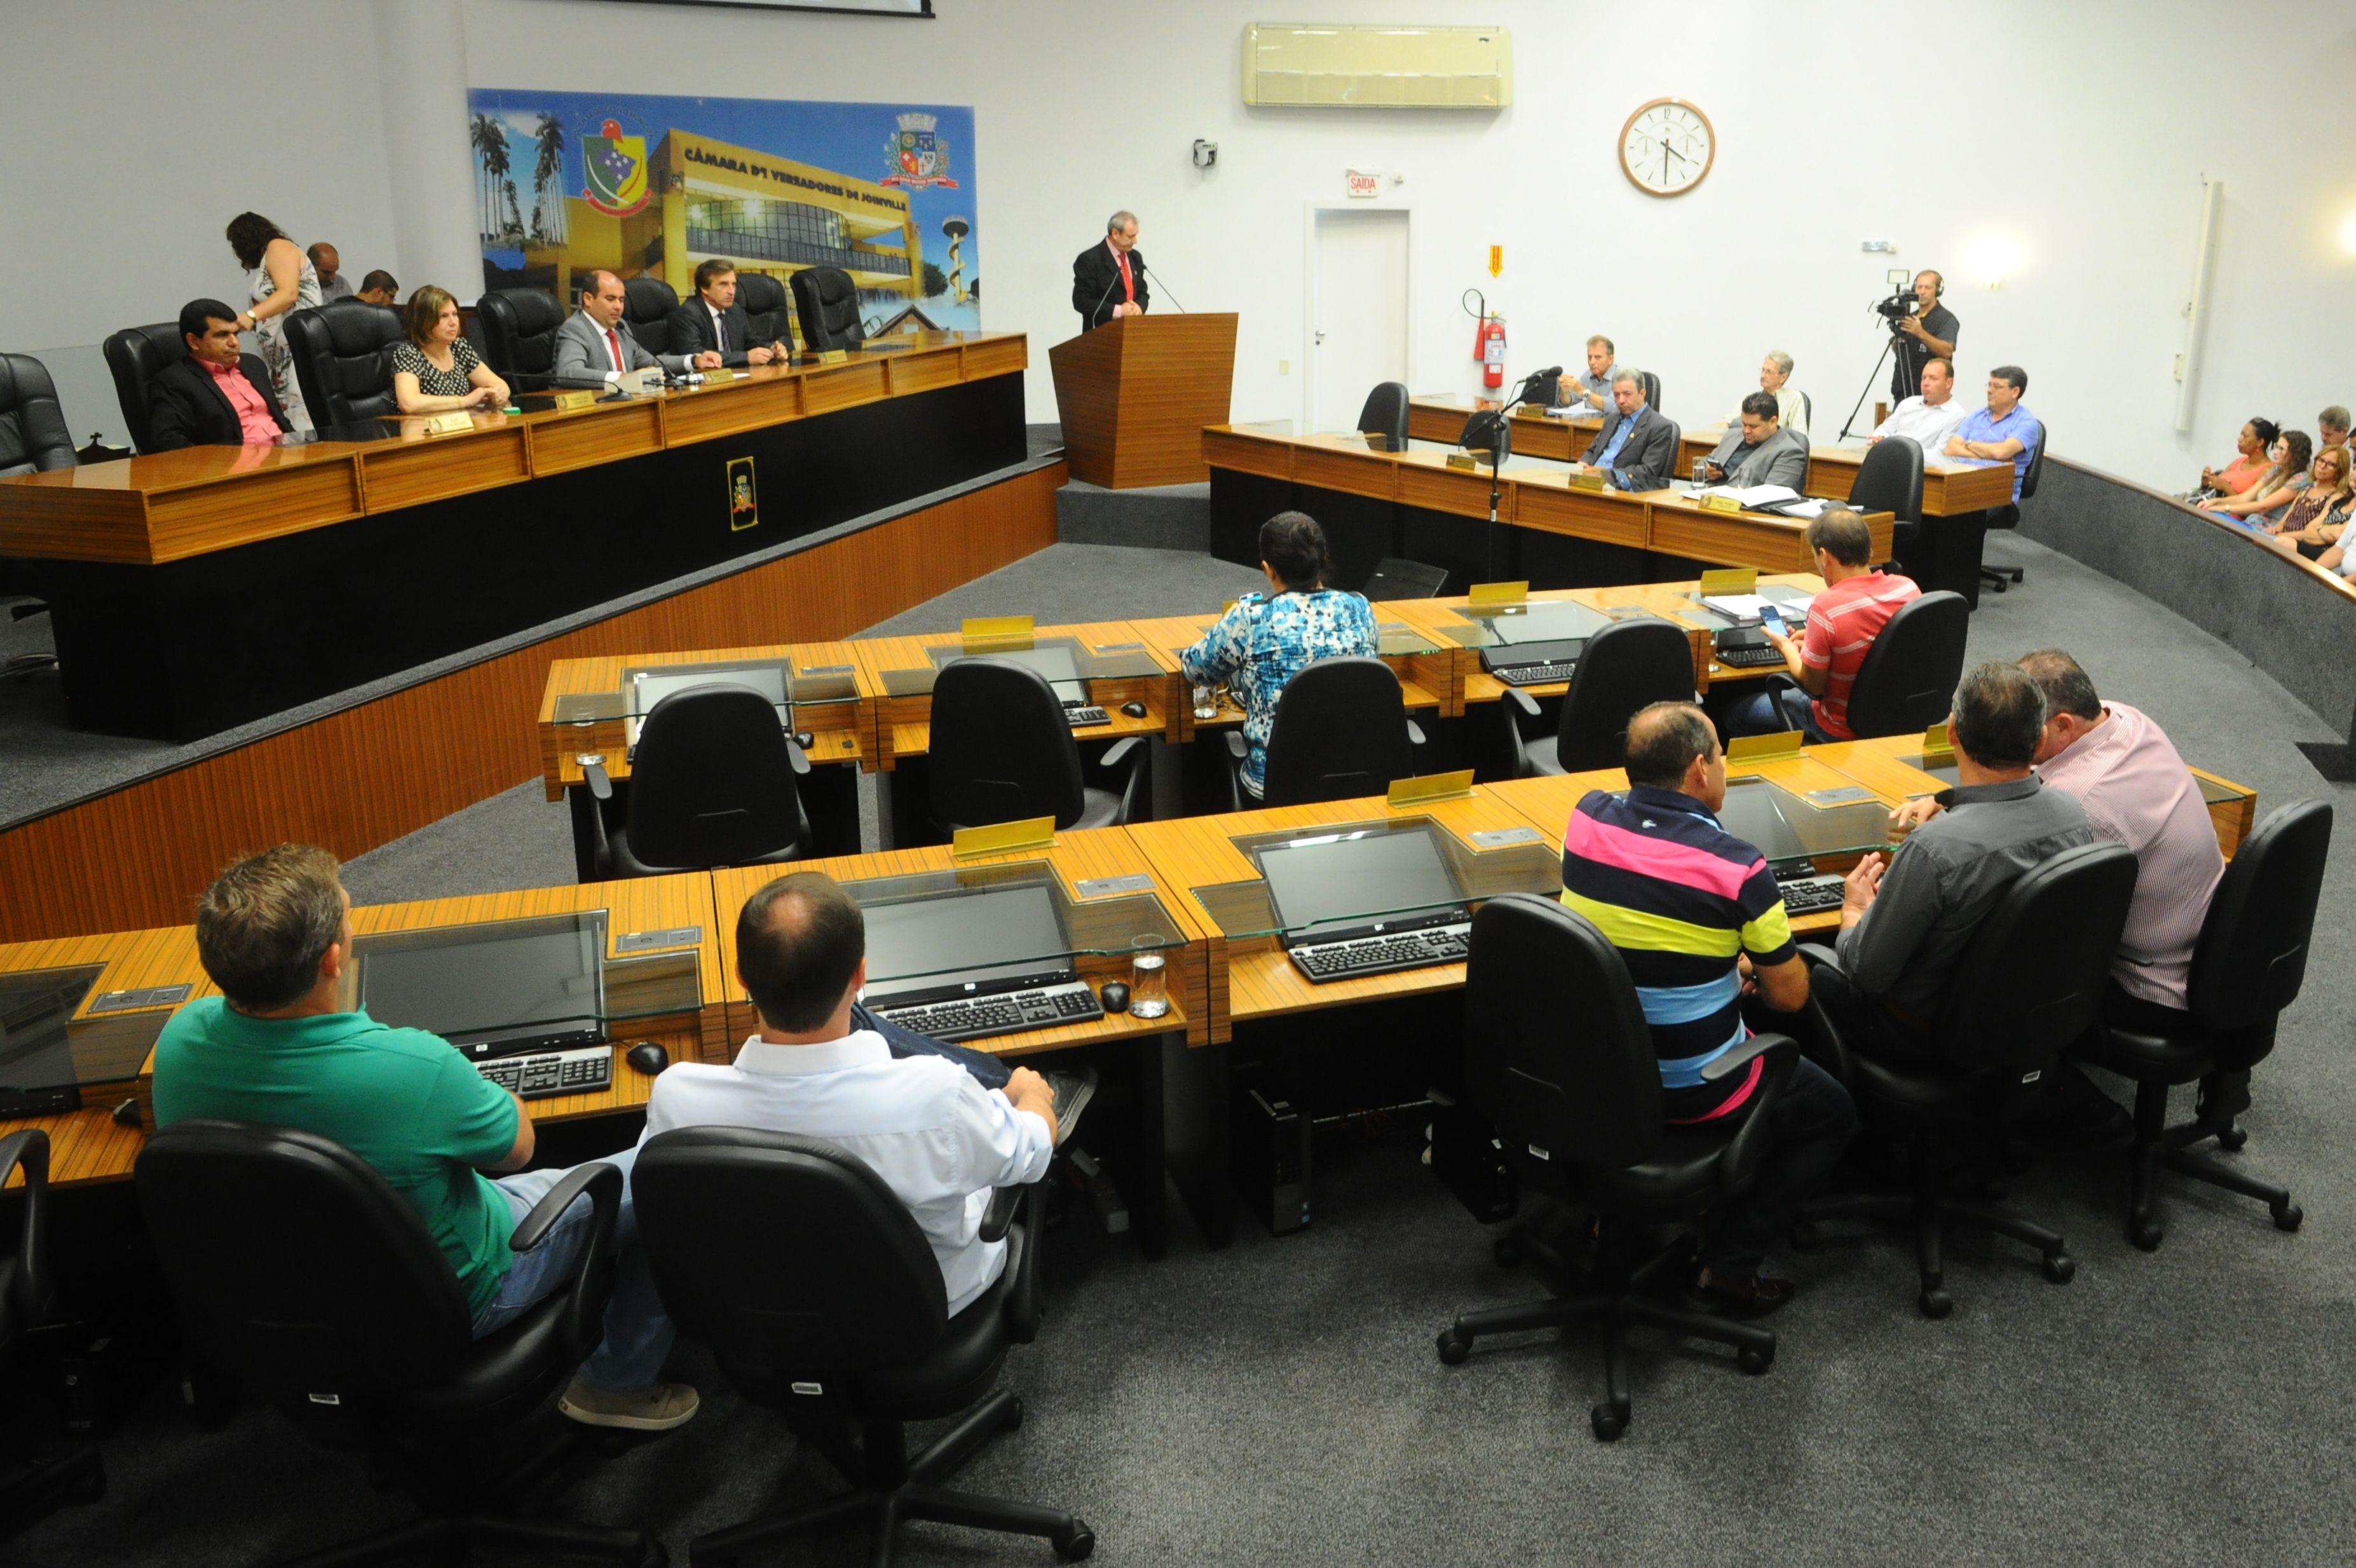 Câmara de Vereadores de Joinville (SC) definiu formação das comissões técnicas